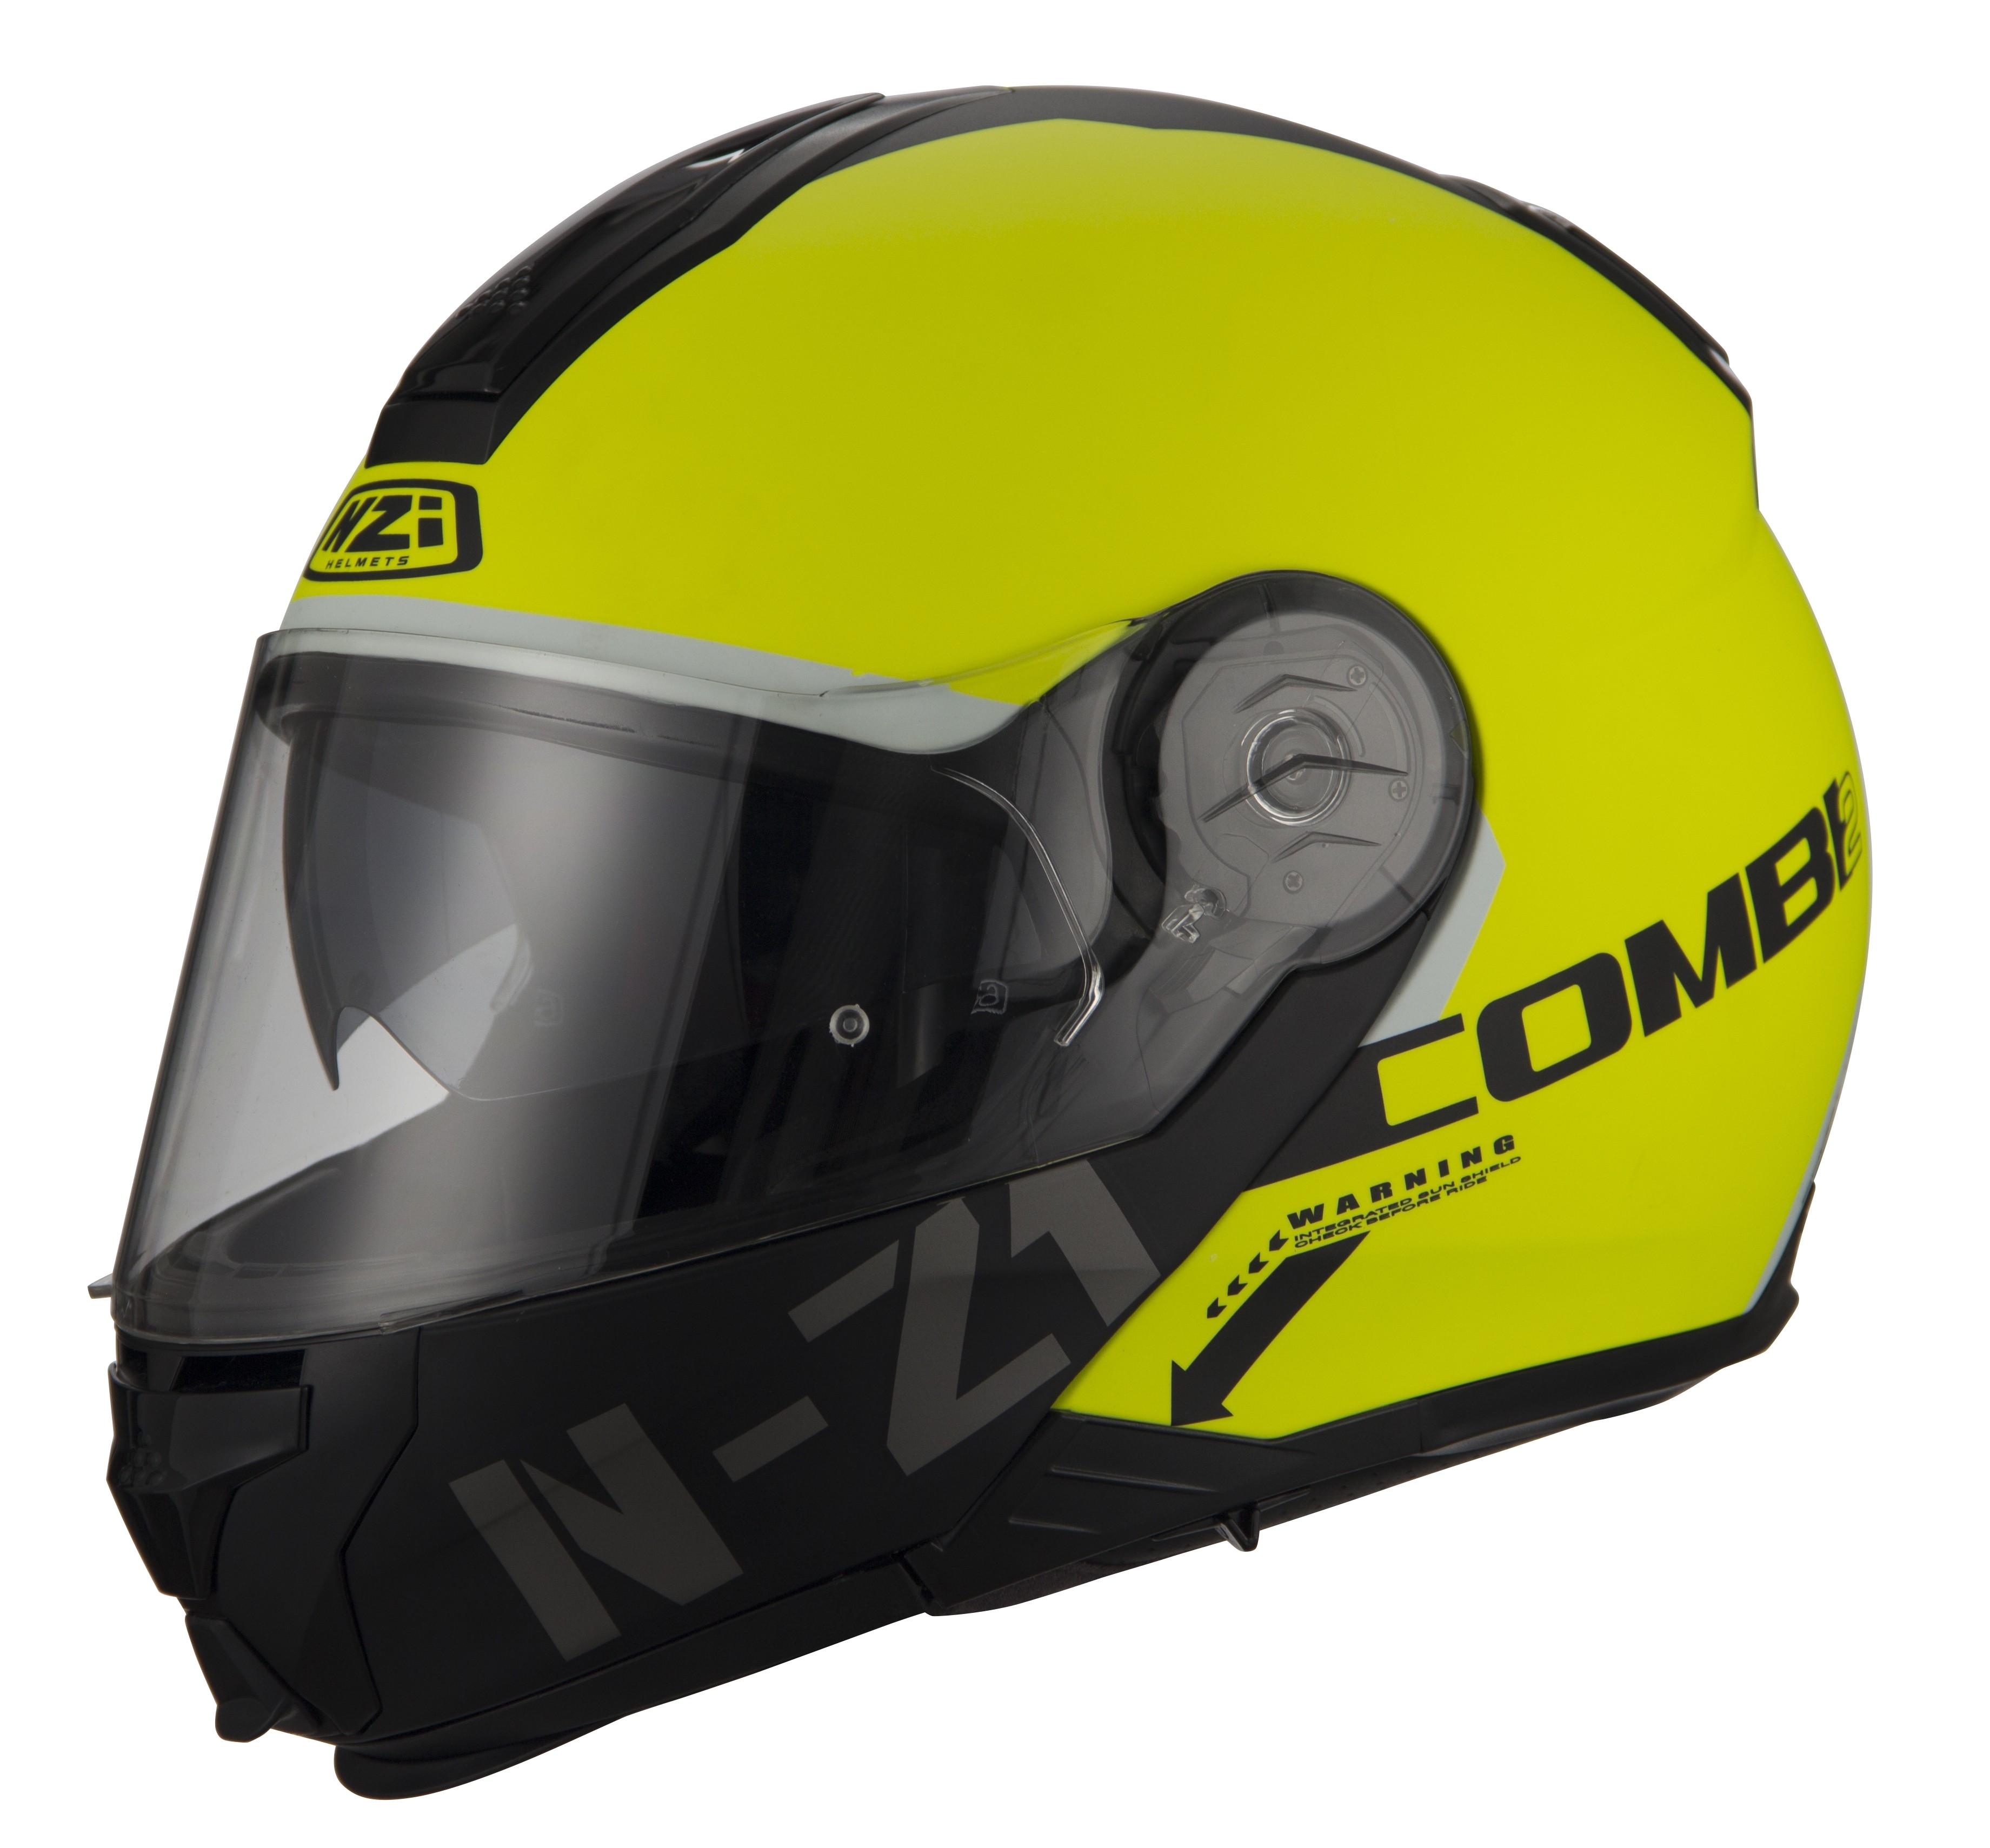 casco-nzi-combi2-duo-graphics-flydeck-amarillo-brillante-shell-mate-chin-bar